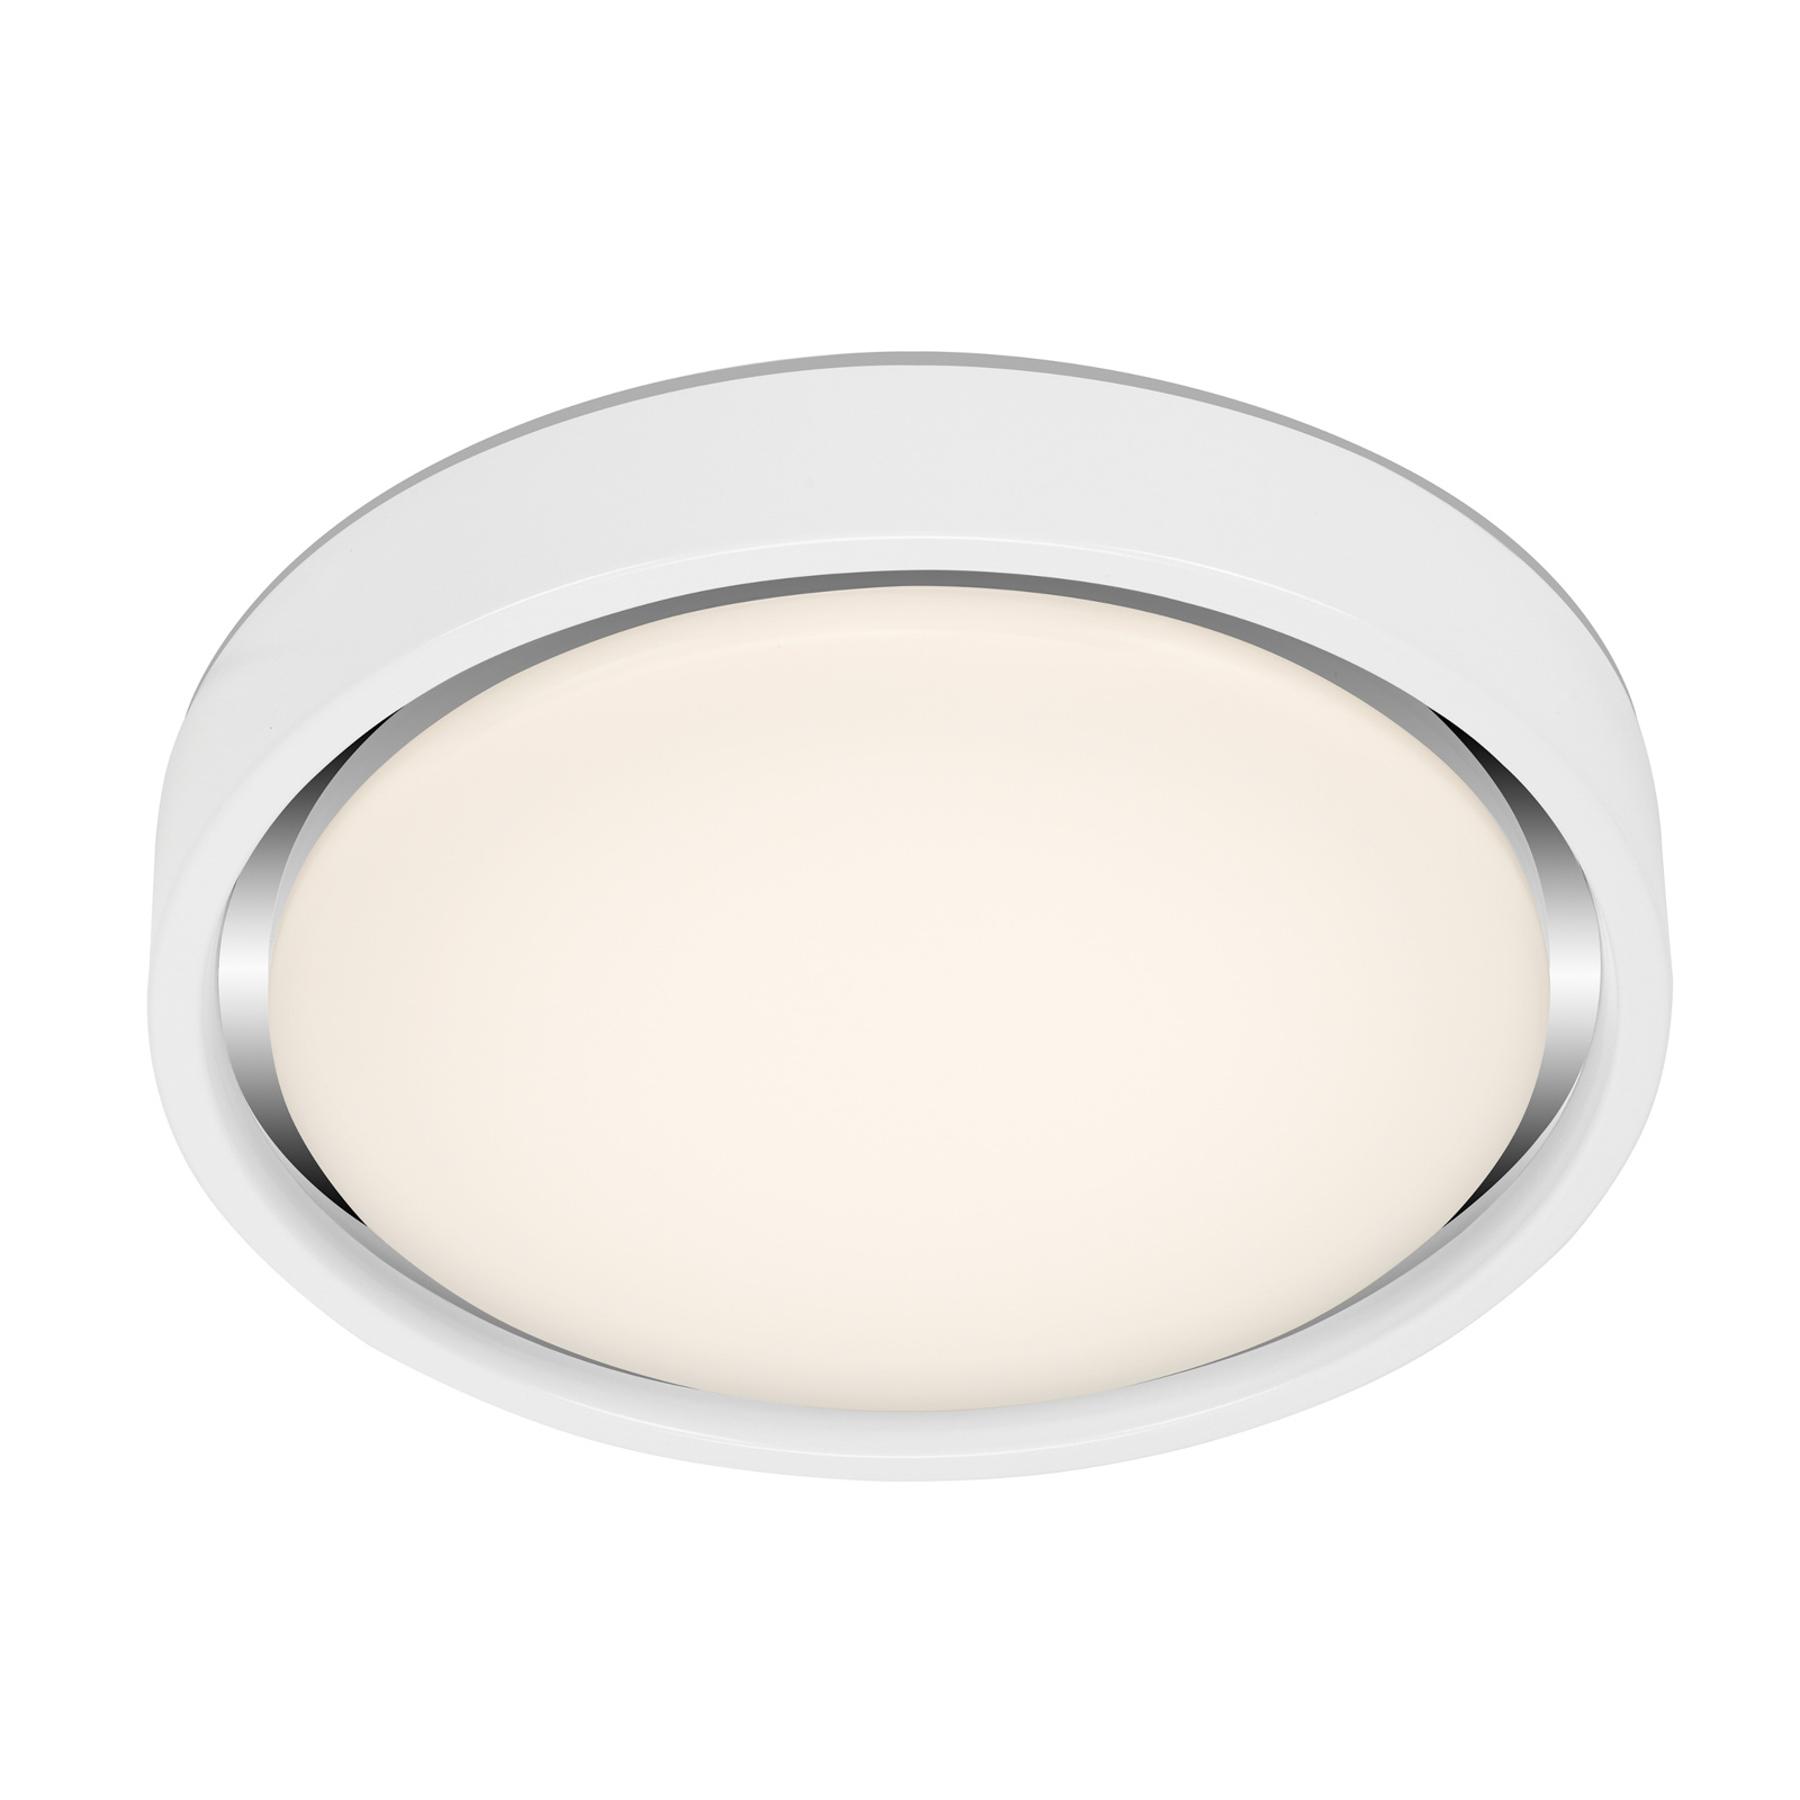 LED-kattovalo Talena M RGB CCT tunnistin valkoinen